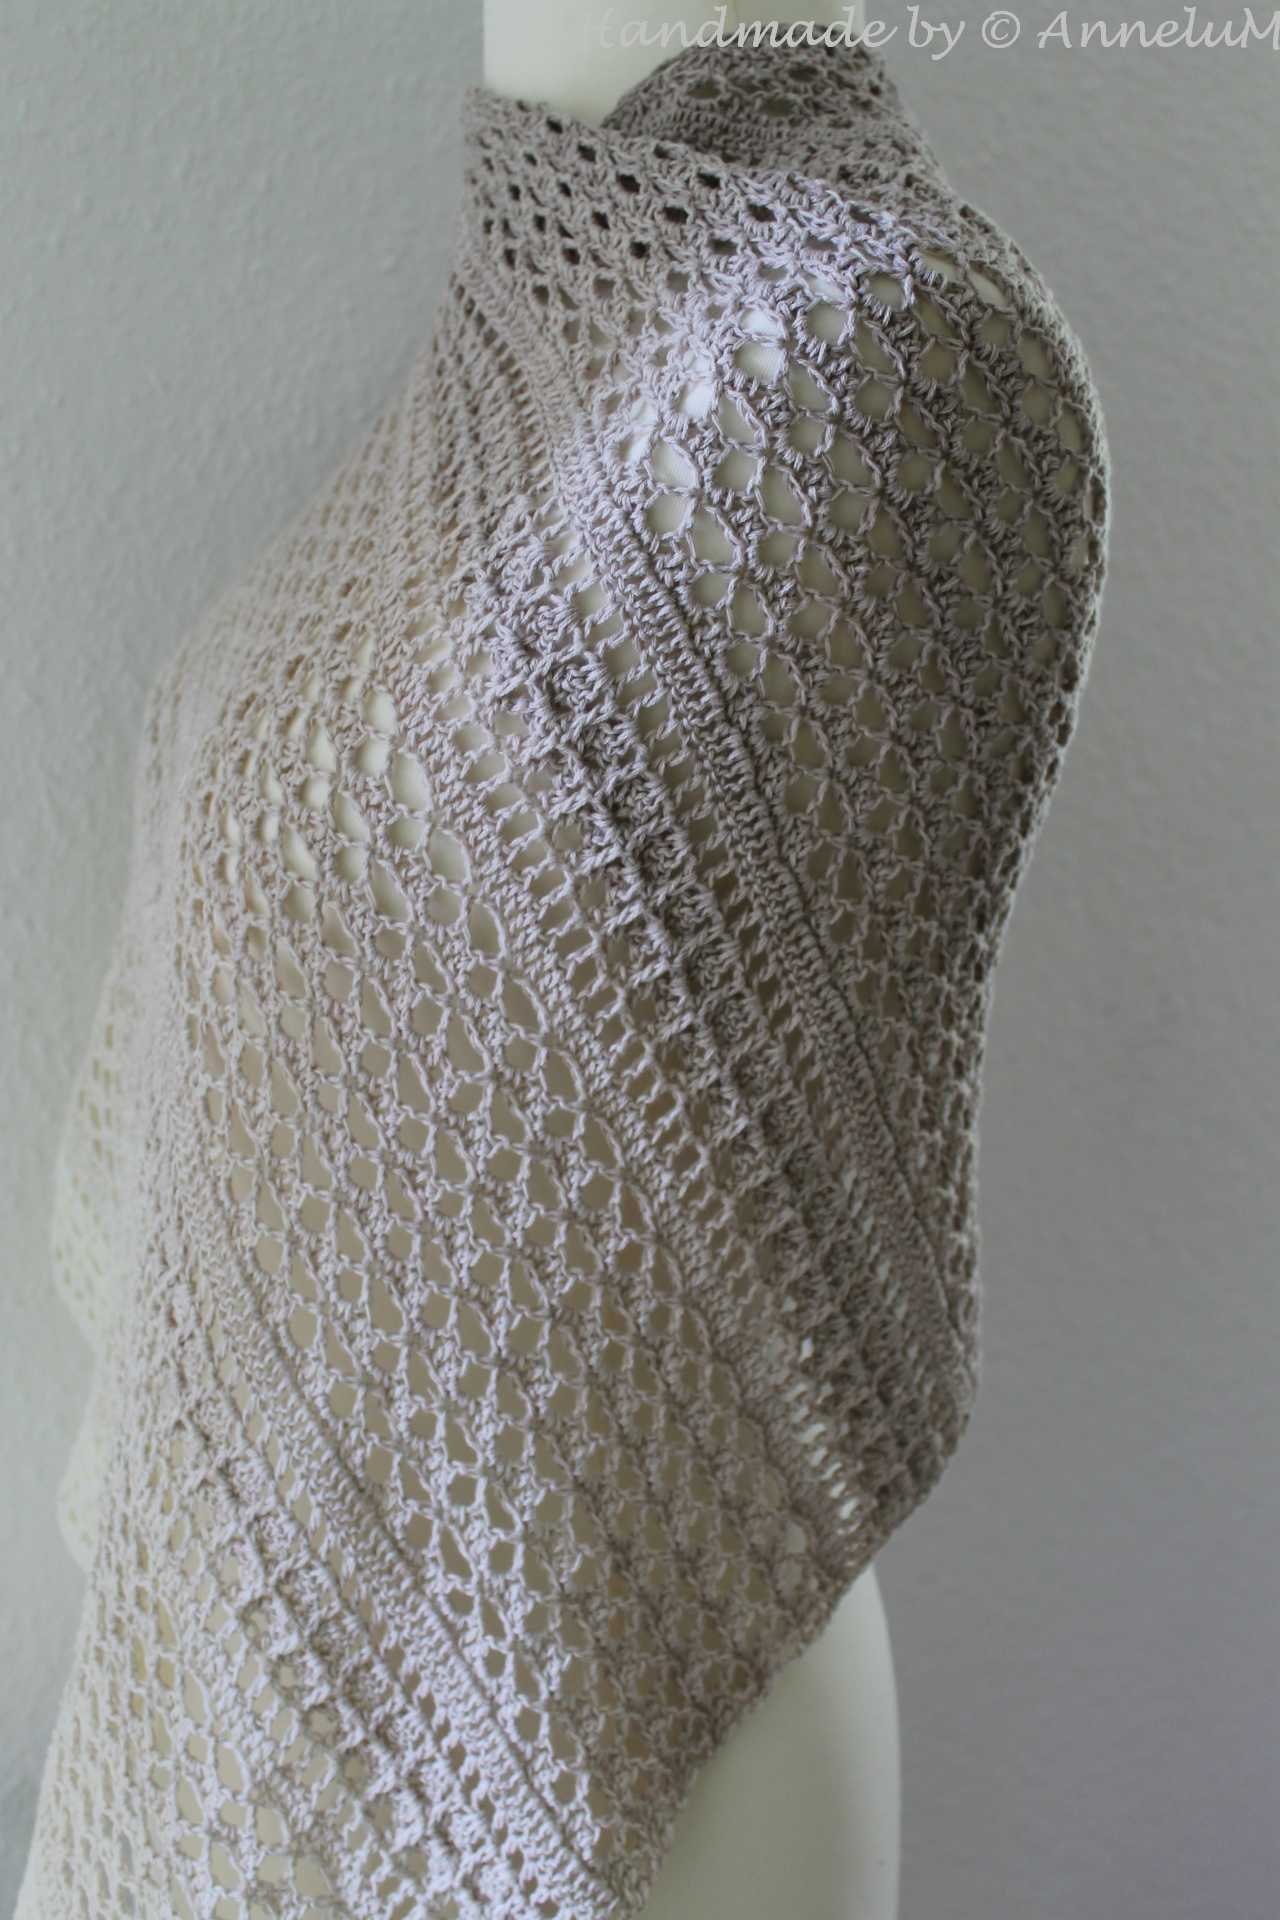 Duirro Handmade by AnneluM